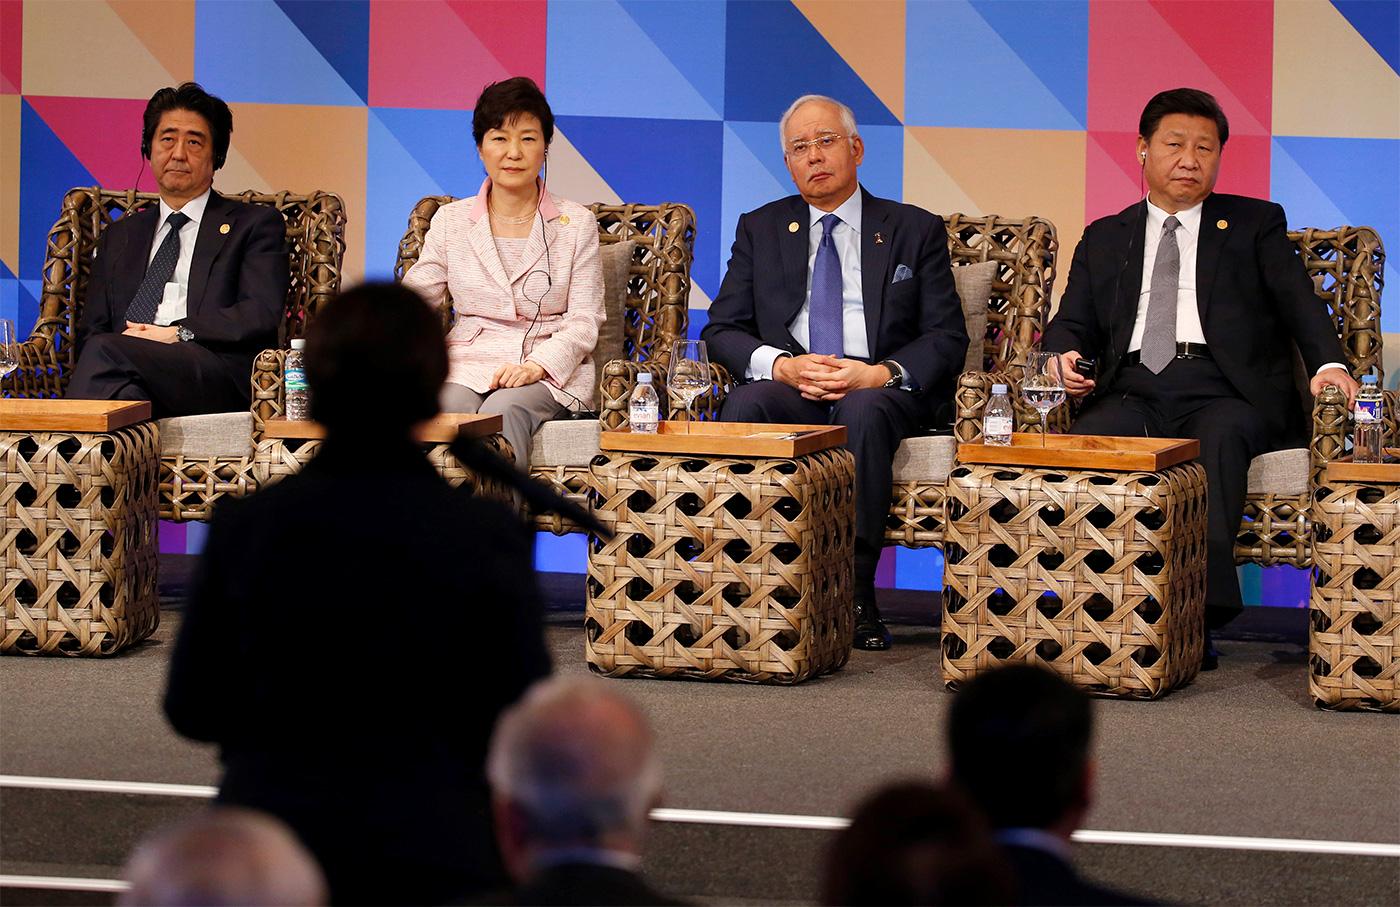 Операции «продление полномочий» в Северо-Восточной Азии